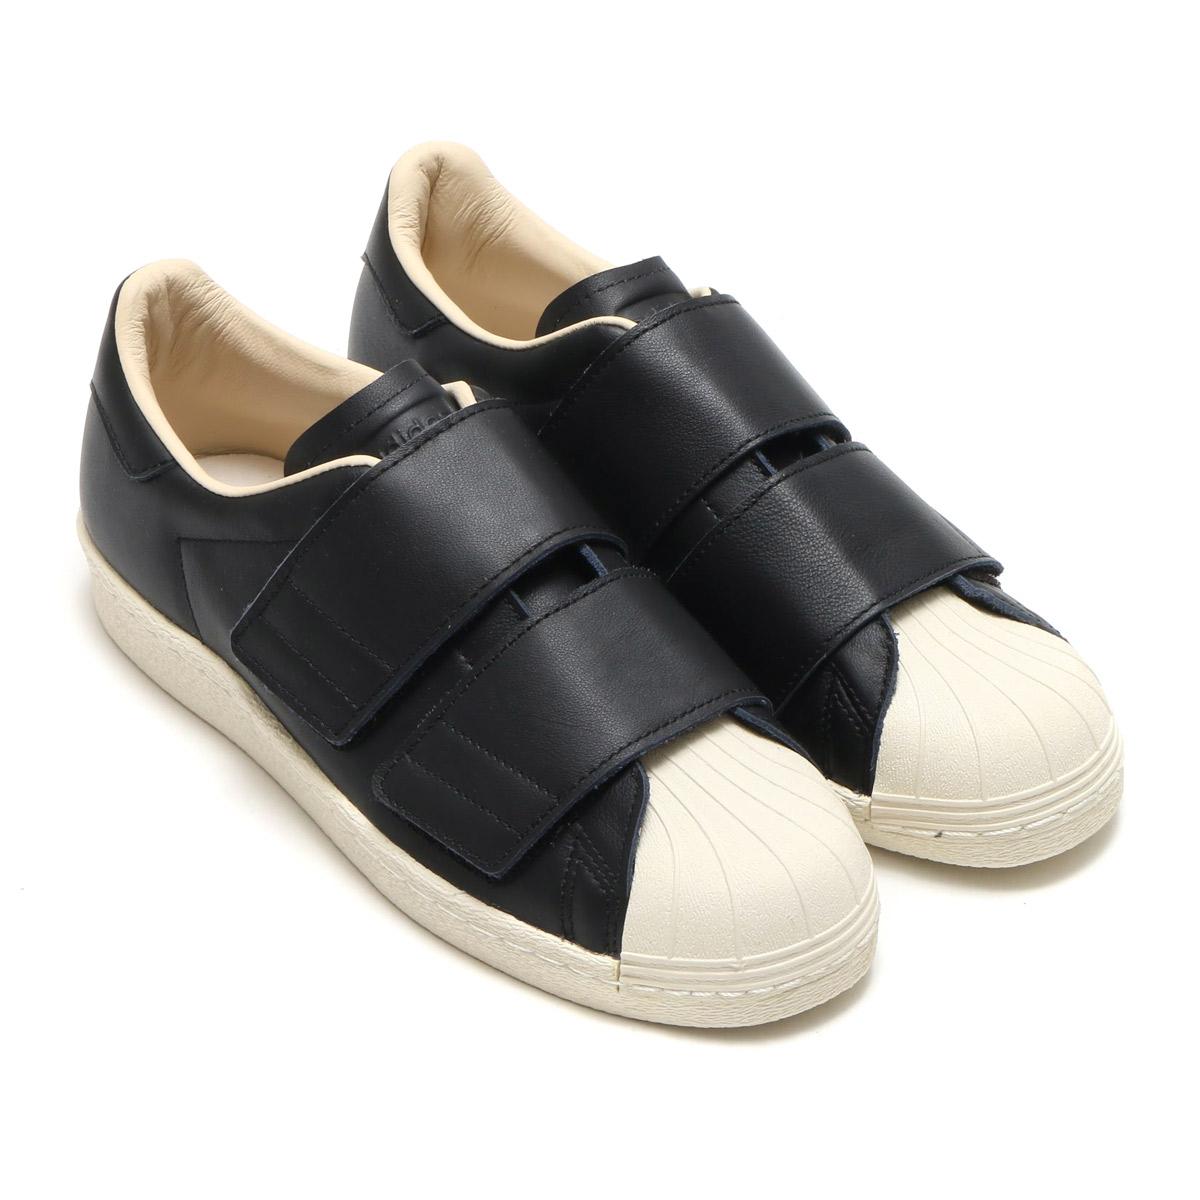 best service c5e0a fa2a1 adidas Originals SS 80s VELCRO W (Adidas originals superstar 80s Velcro W)  Core Black/Core Black/Linen 18SS-I